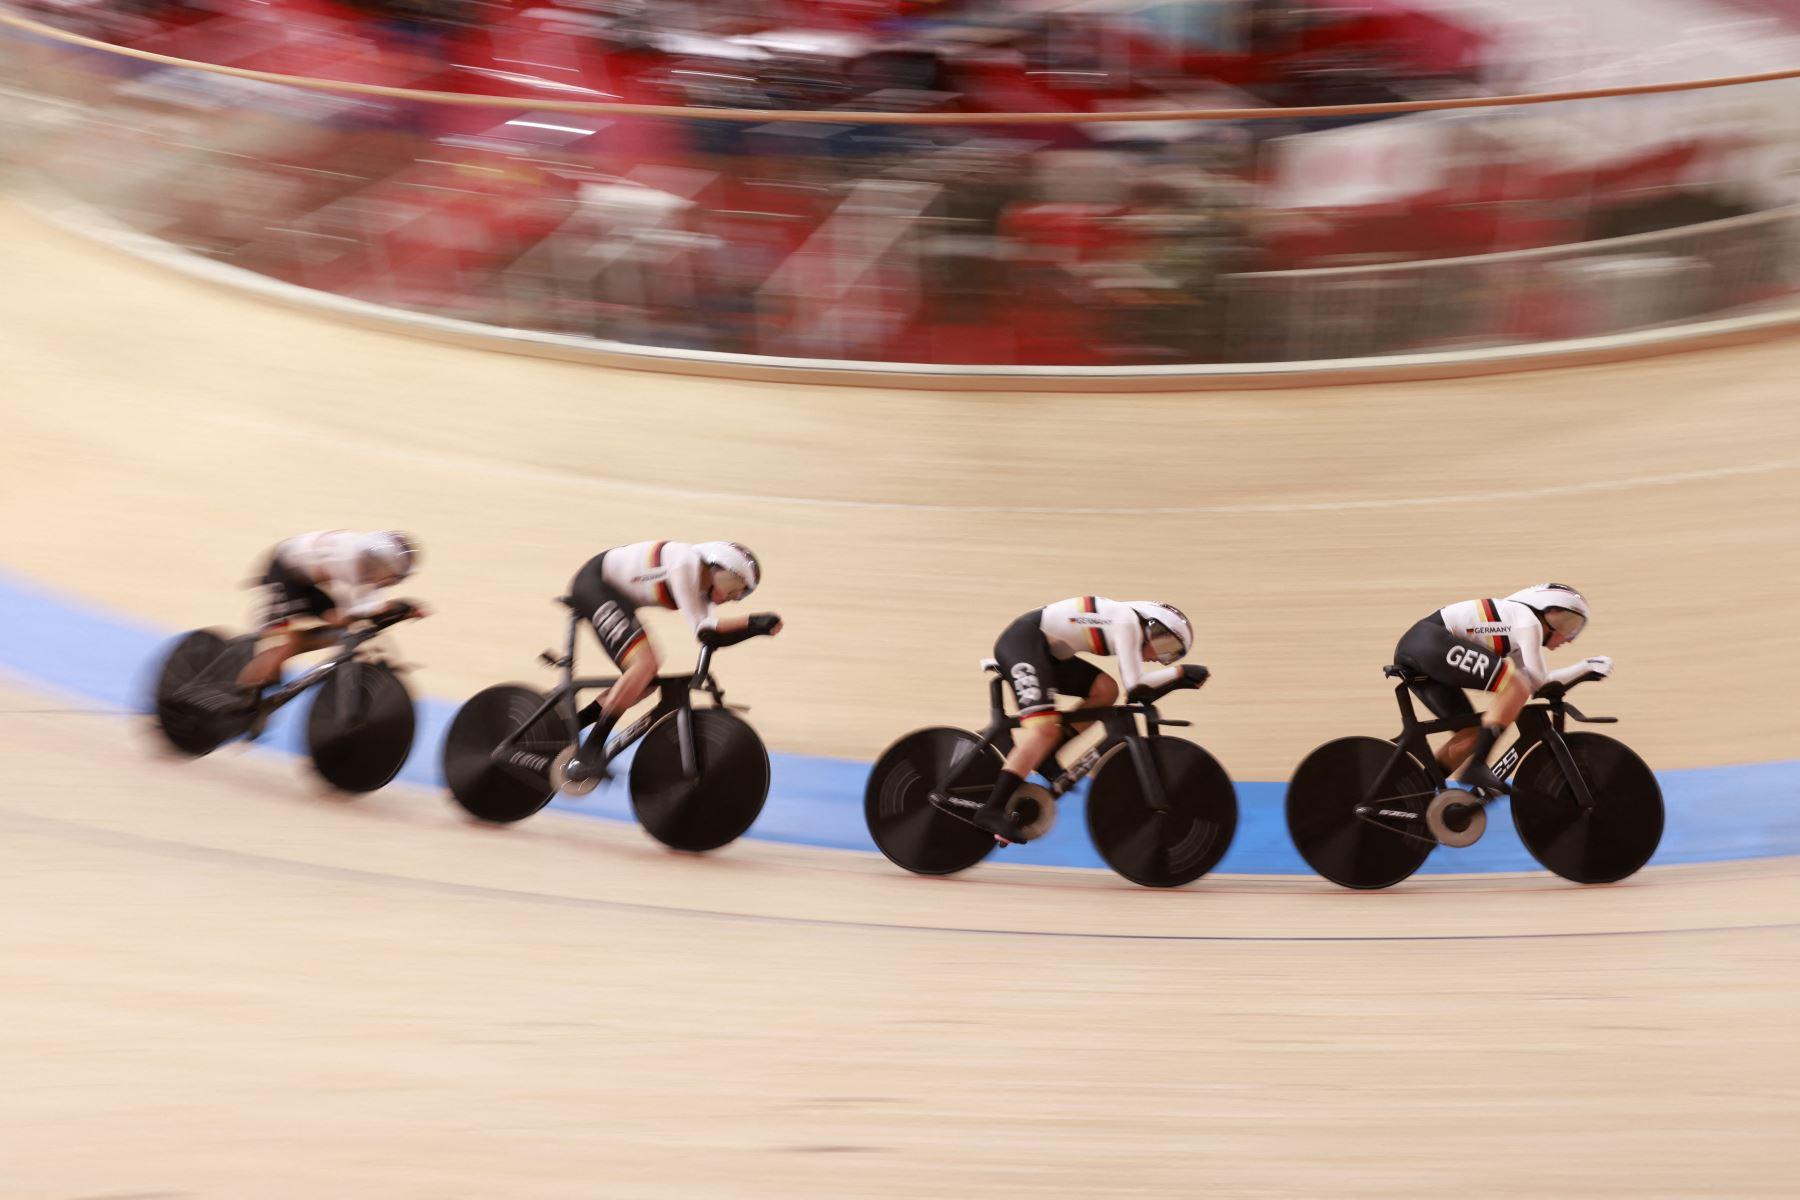 El equipo de Alemania compite para establecer el nuevo récord mundial durante la final de persecución por equipos de ciclismo en pista femenino durante los Juegos Olímpicos de Tokio 2020.  Foto: AFP